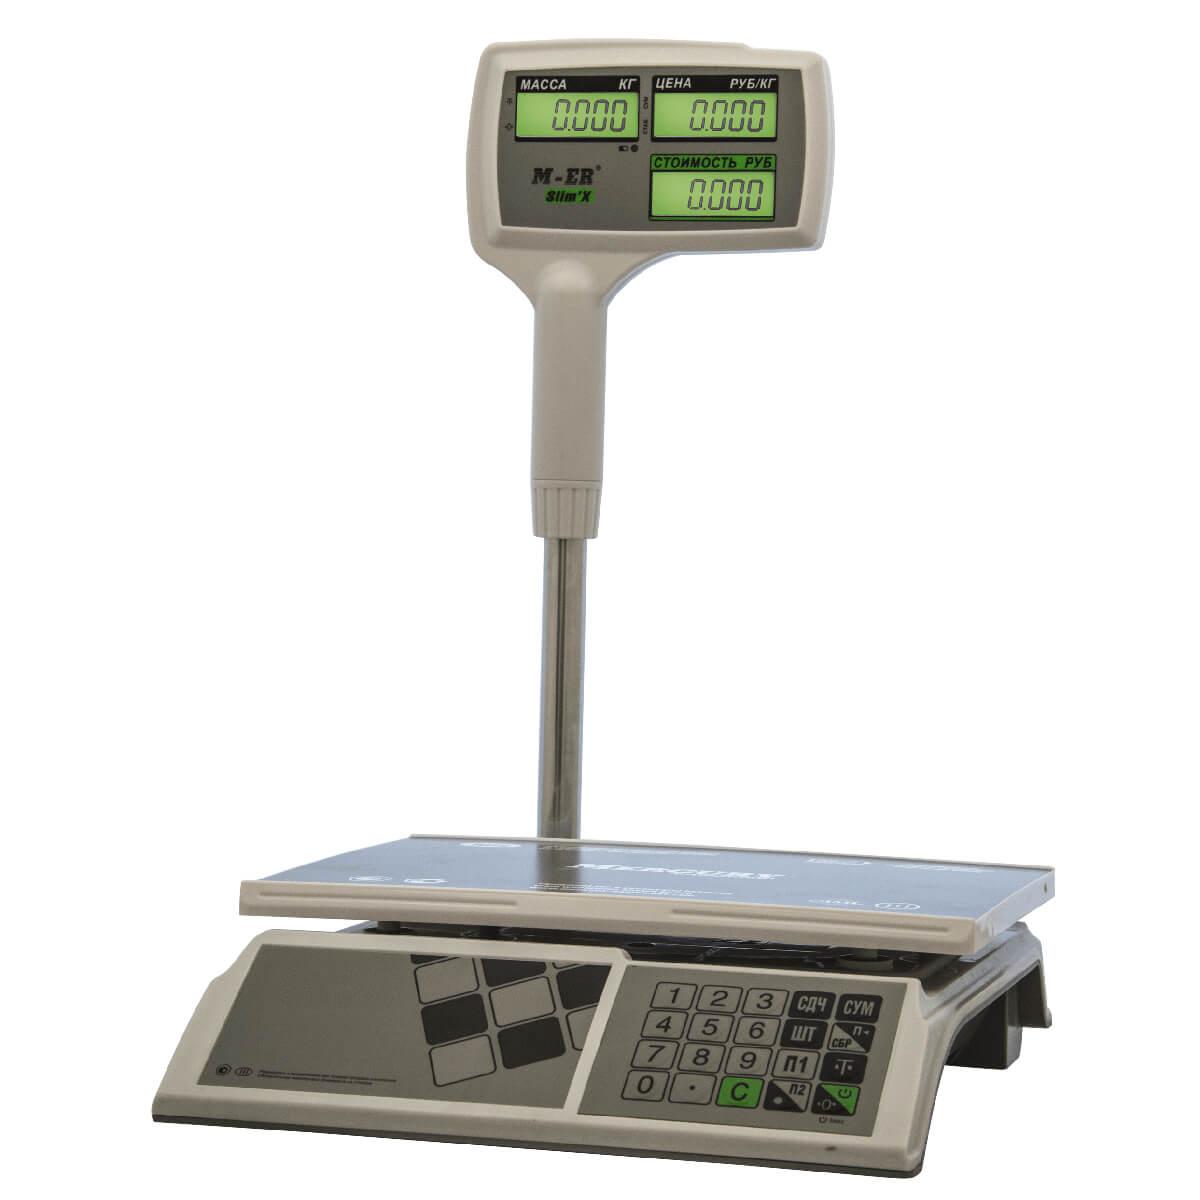 Торговые настольные весы M-ER 326 ACPX-32.5 «Slim'X» LCD Белые